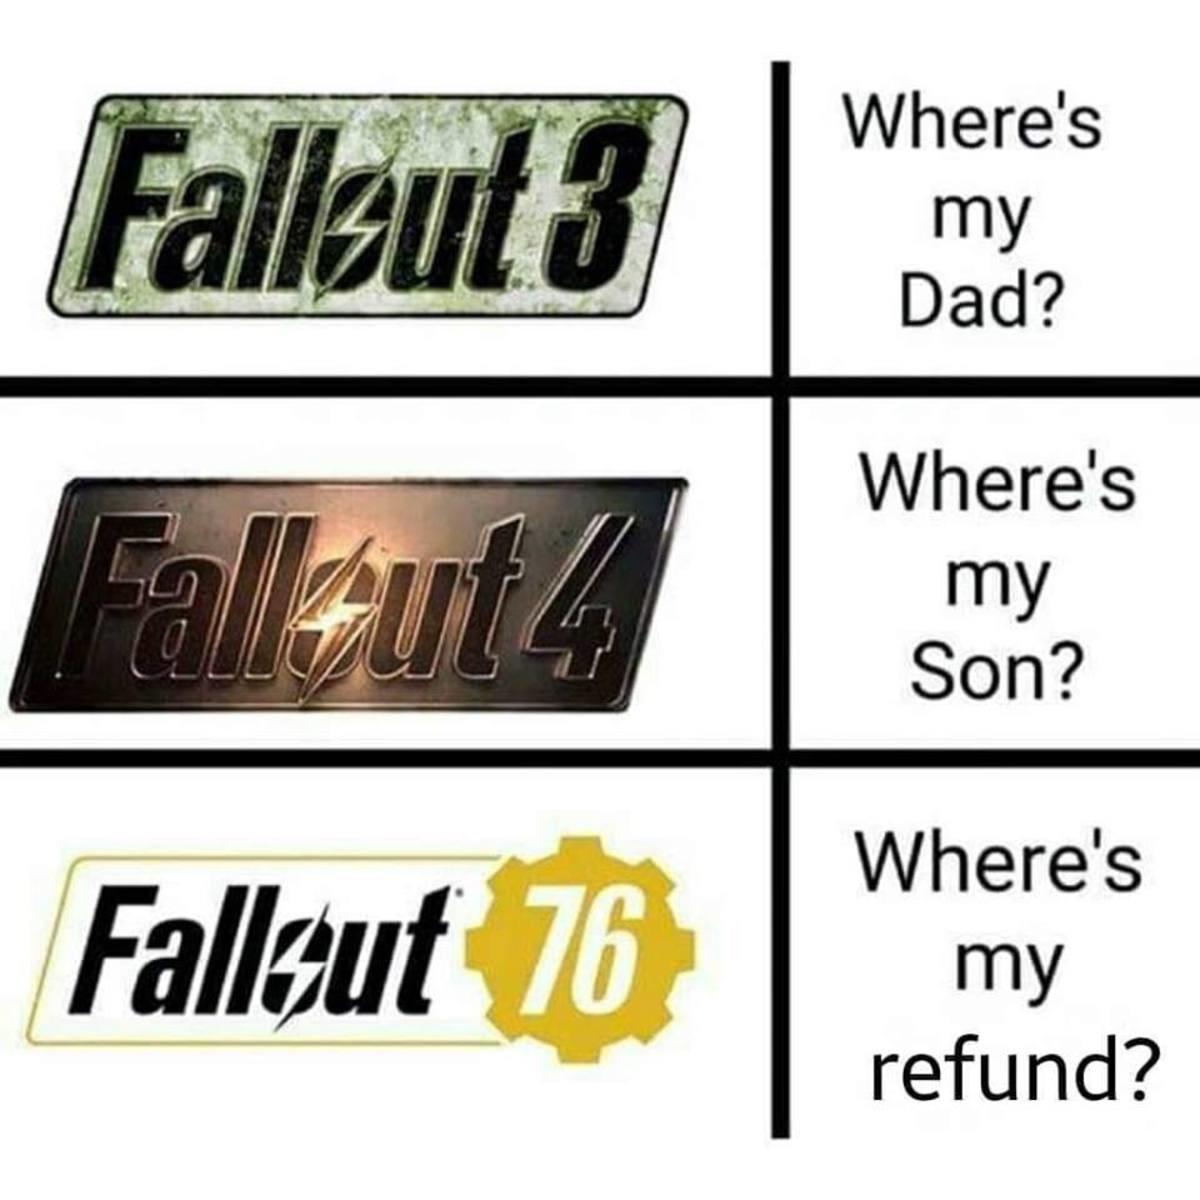 Bethesdas+fallout+games+in+a+nutshell_16fa40_6839712.jpg